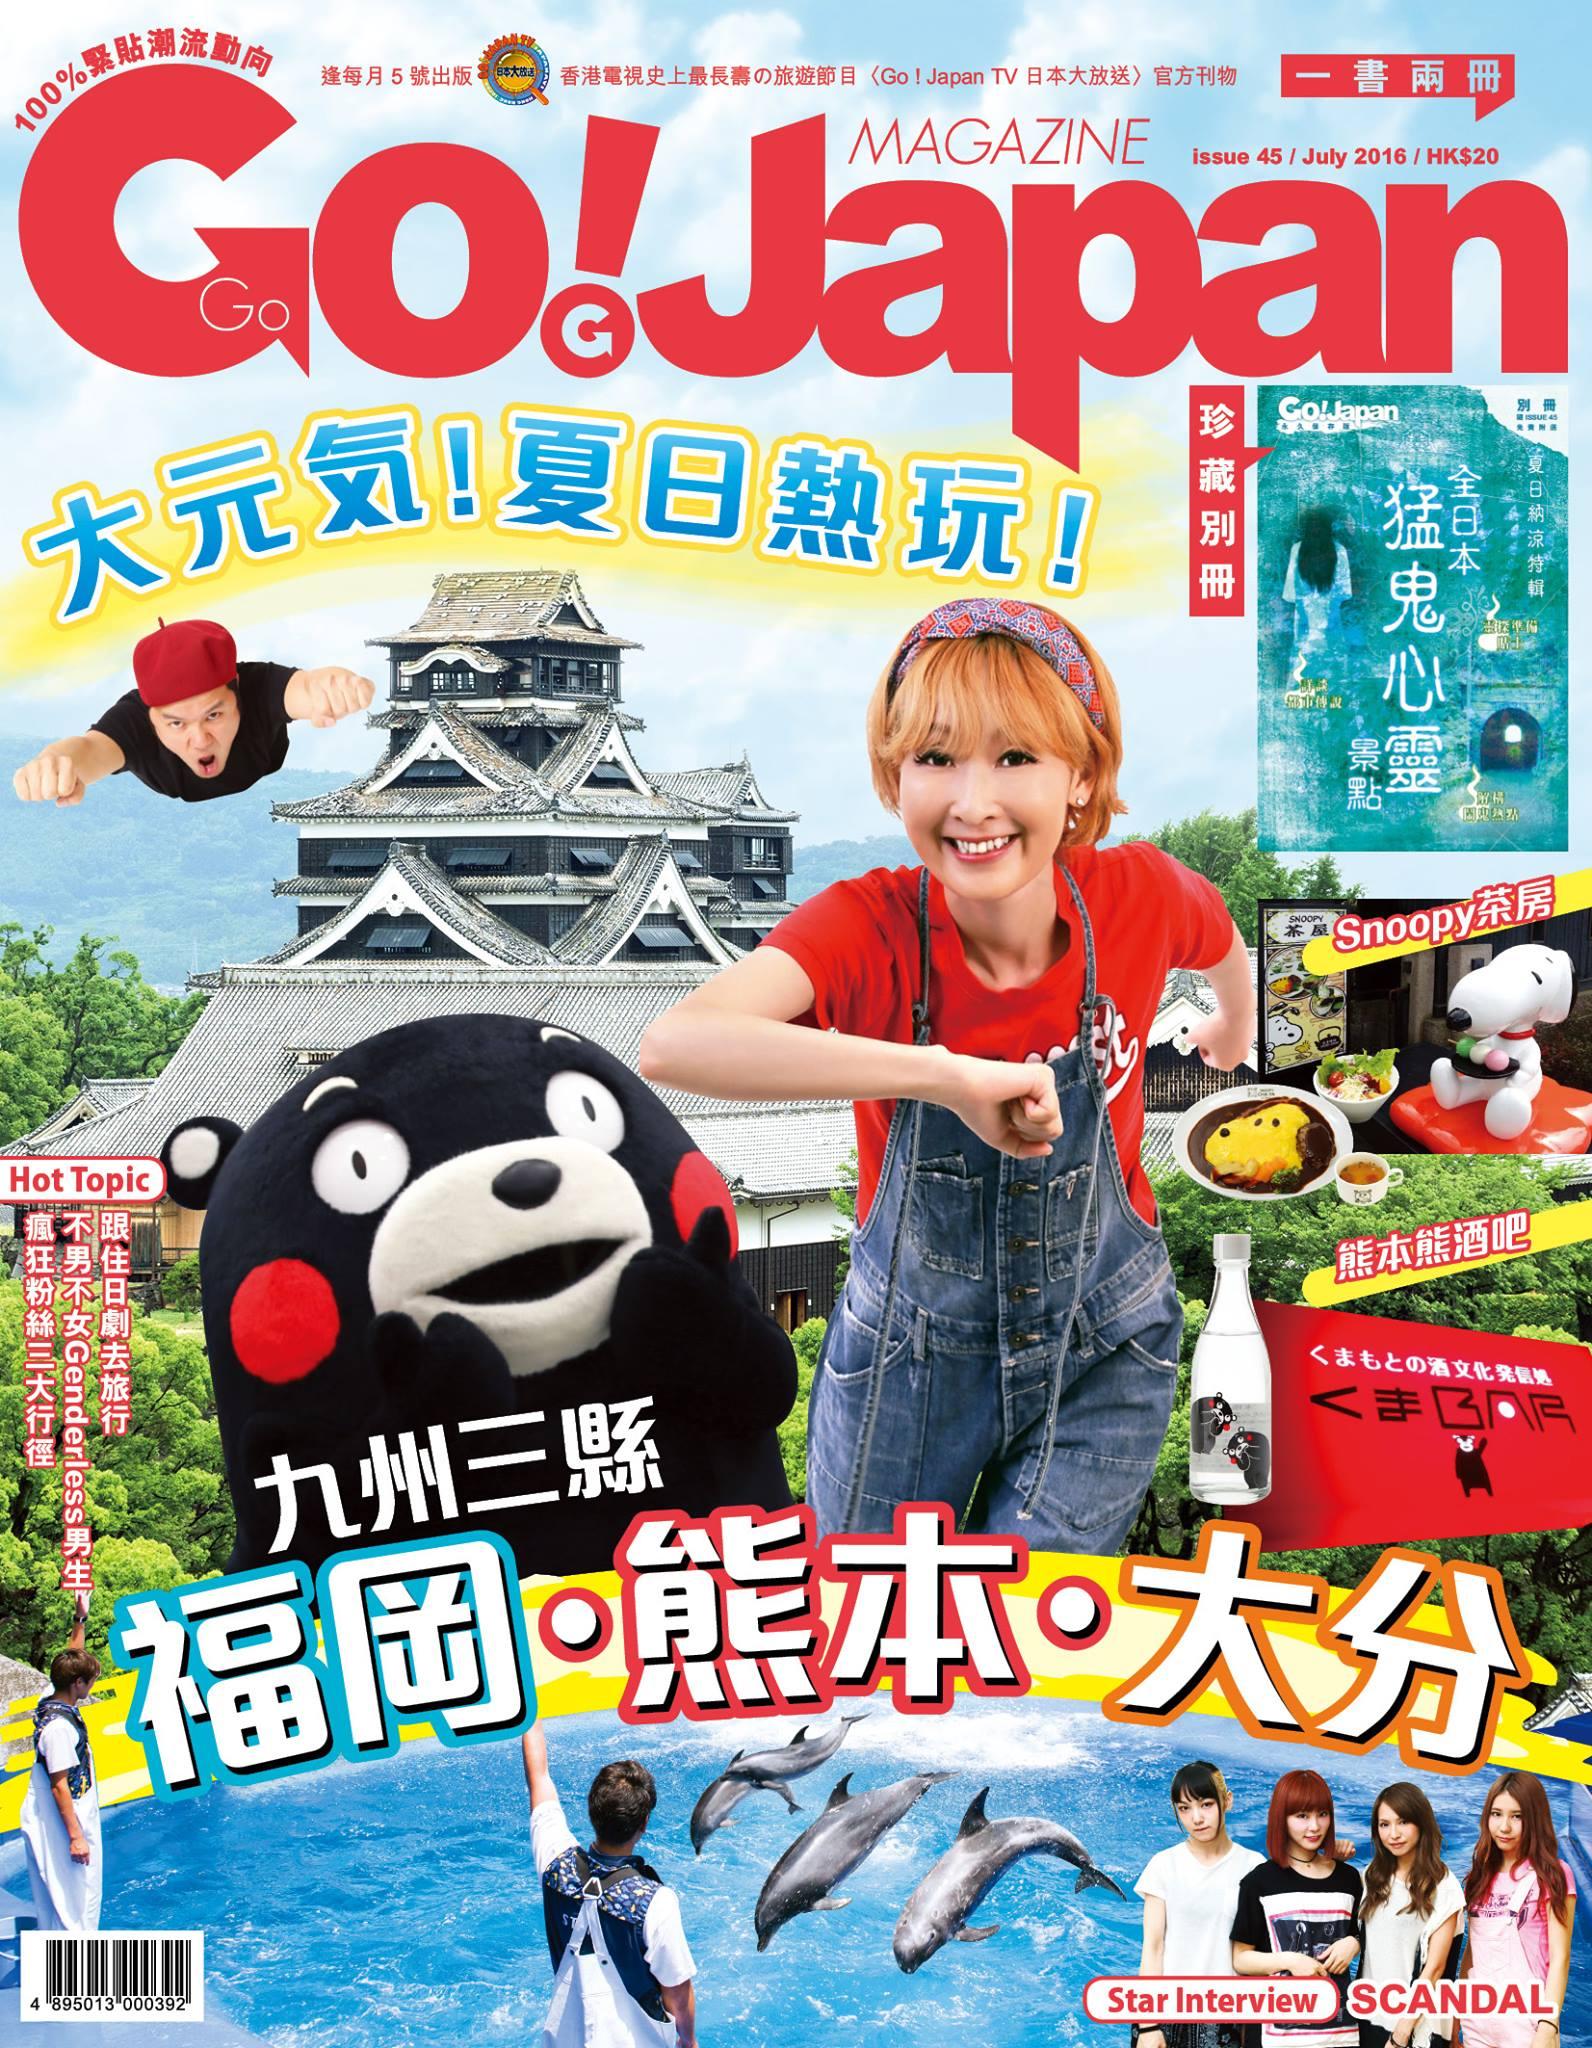 {Magazine} SCANDAL dans le prochain numéro de Go! Japan